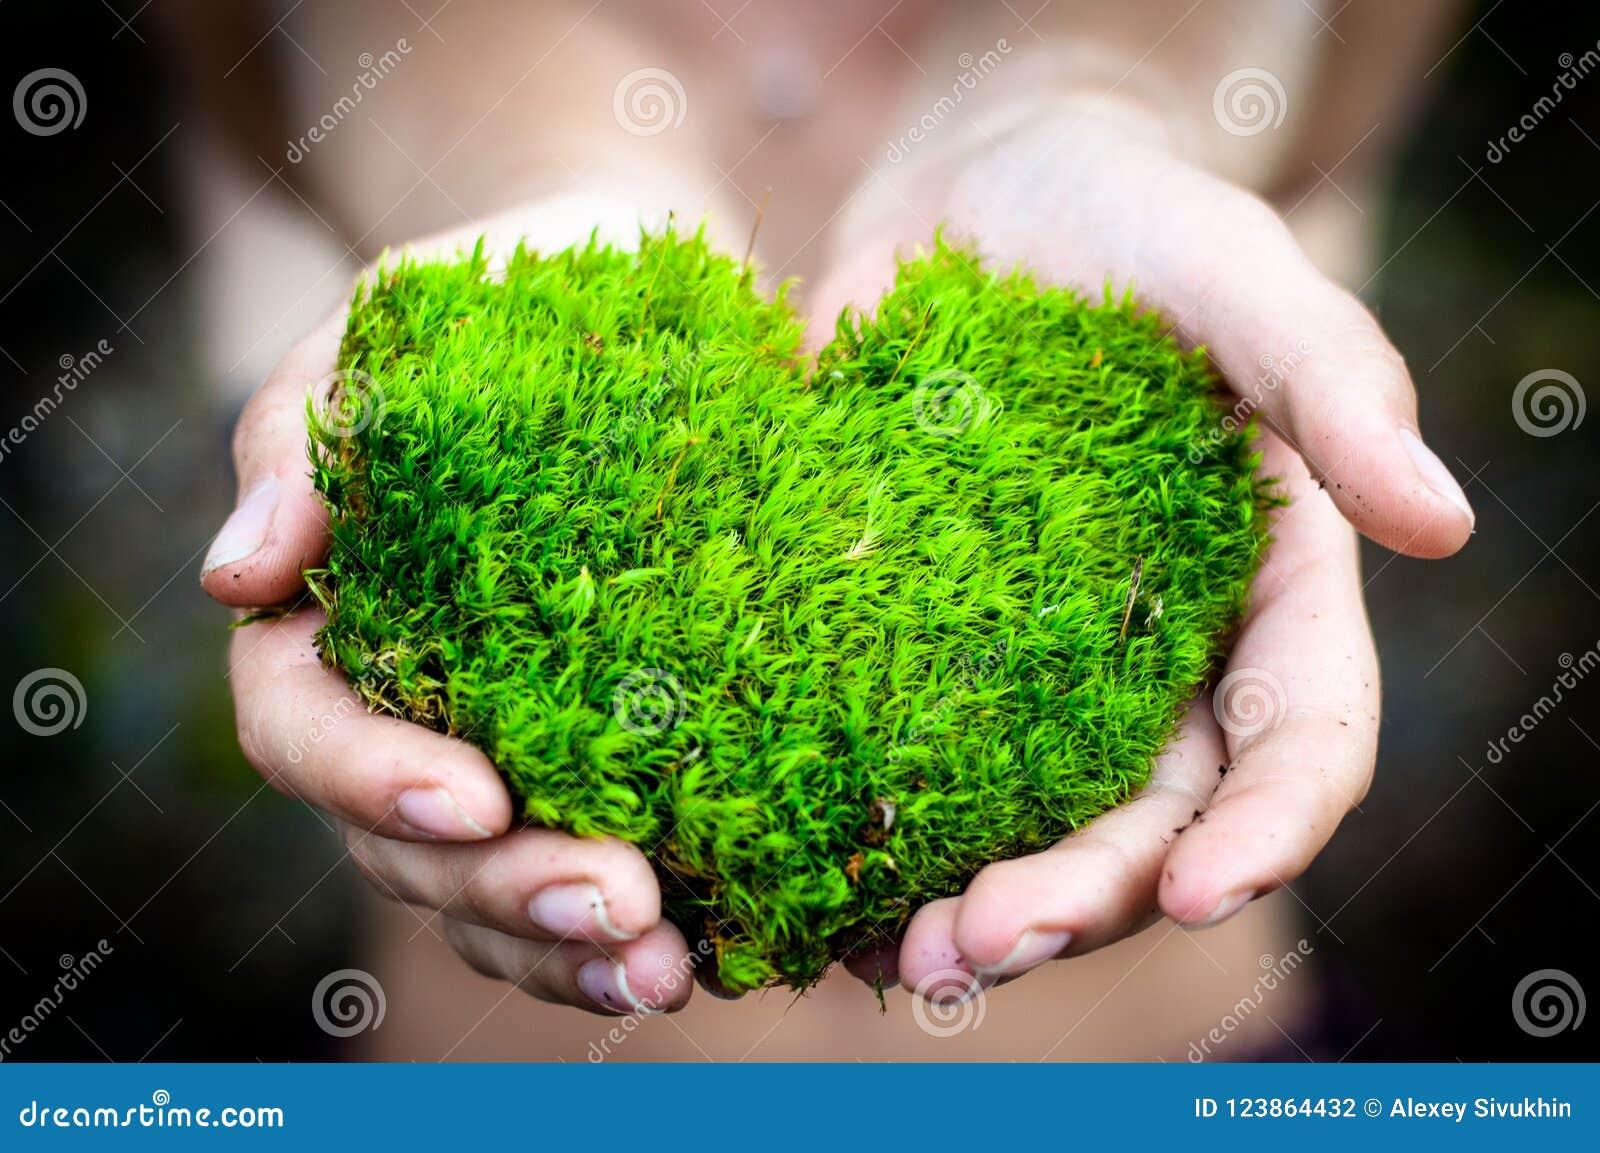 拿着绿色心形的树爱自然的手拯救世界愈合世界环境保存